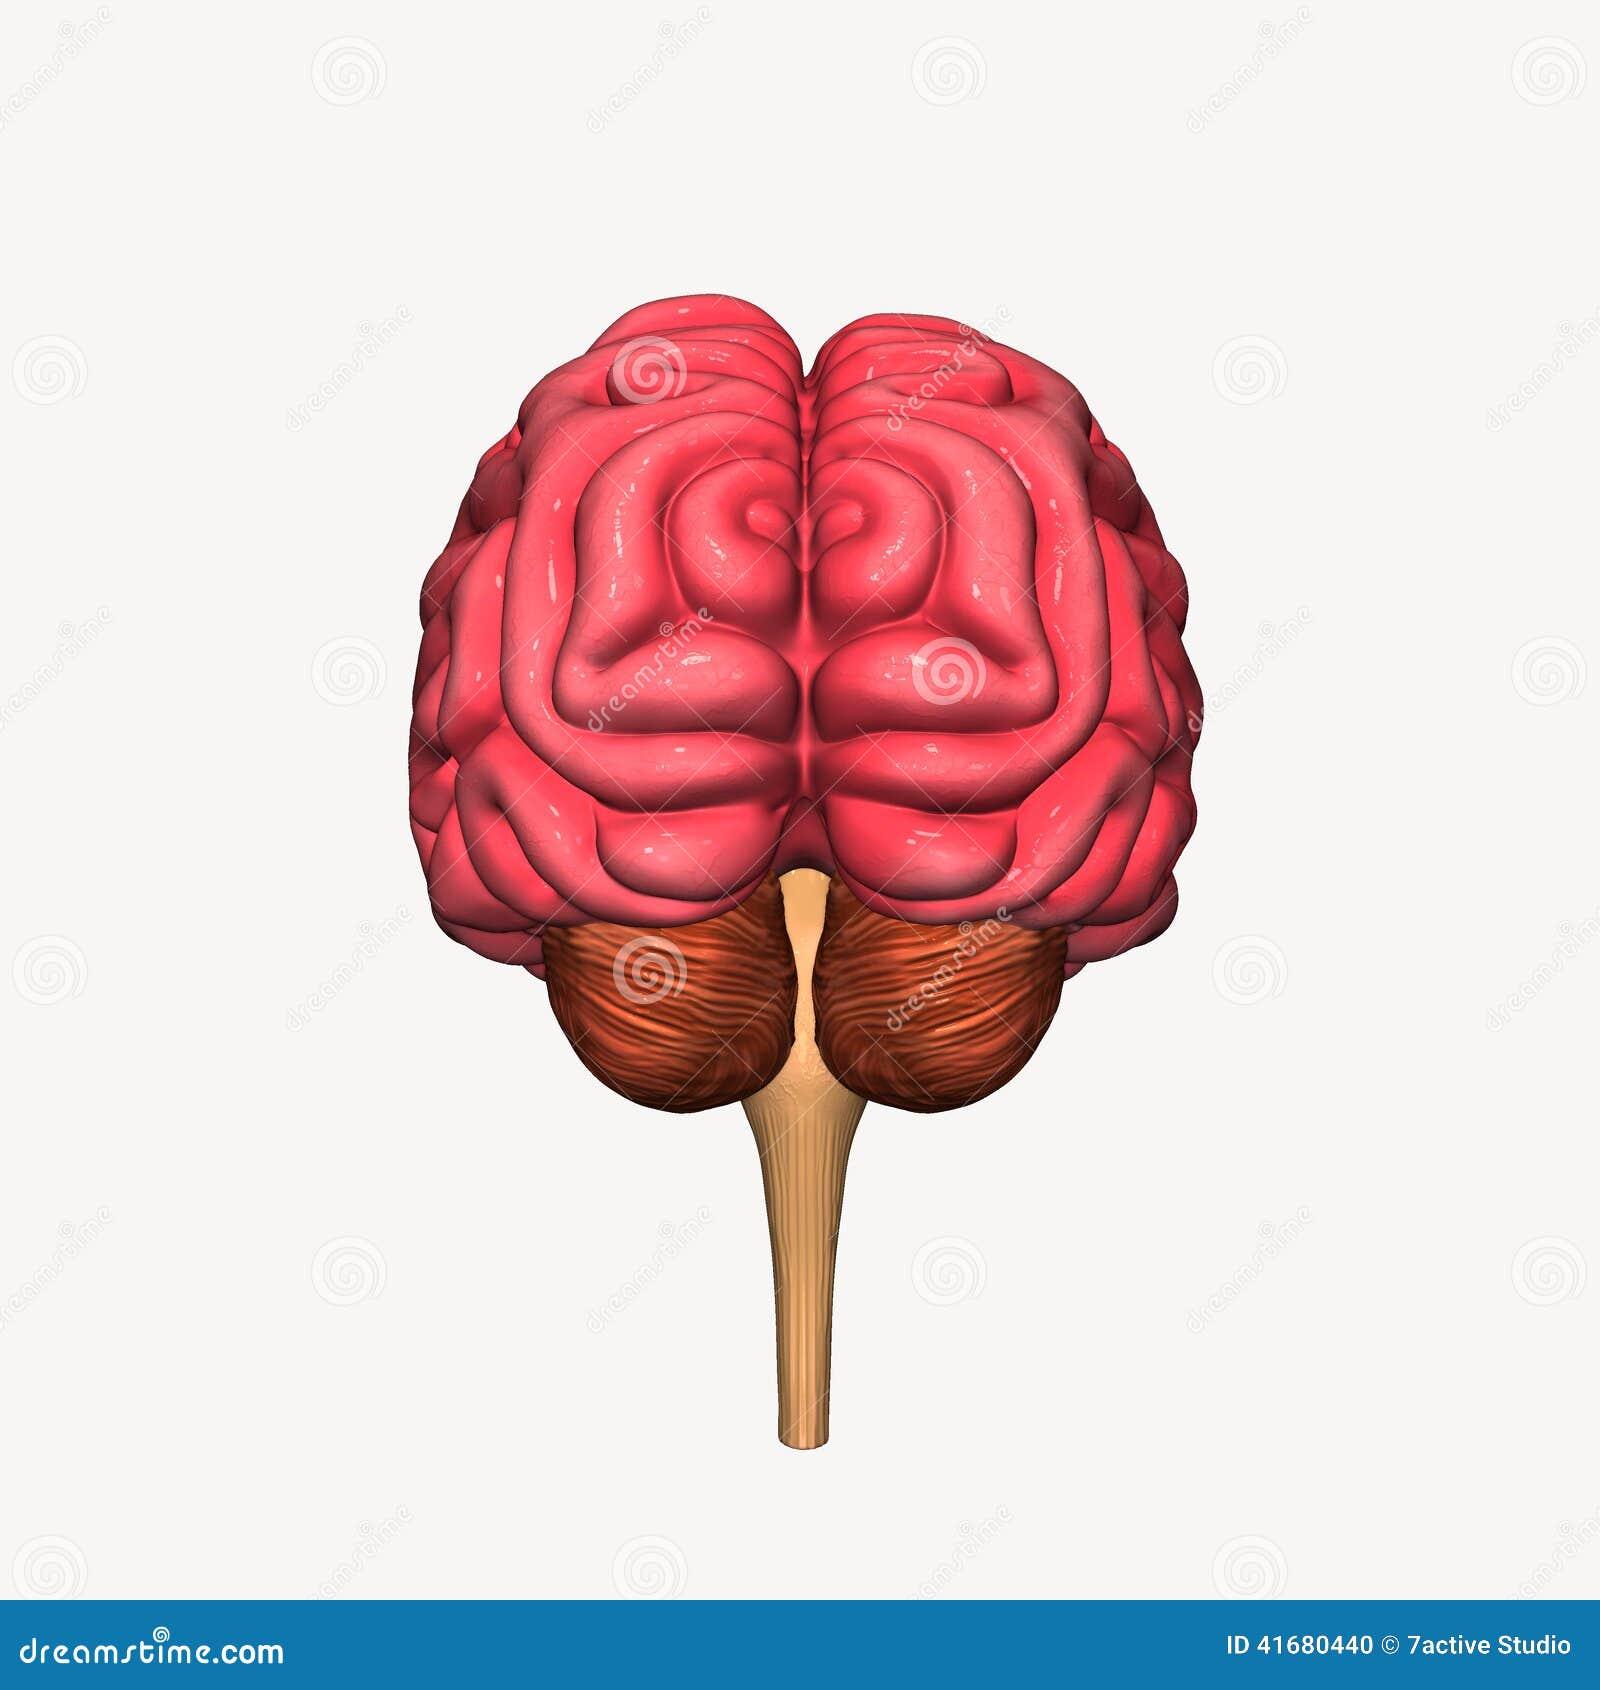 Brain Stock Illustration Illustration Of Isolated Anatomy 41680440